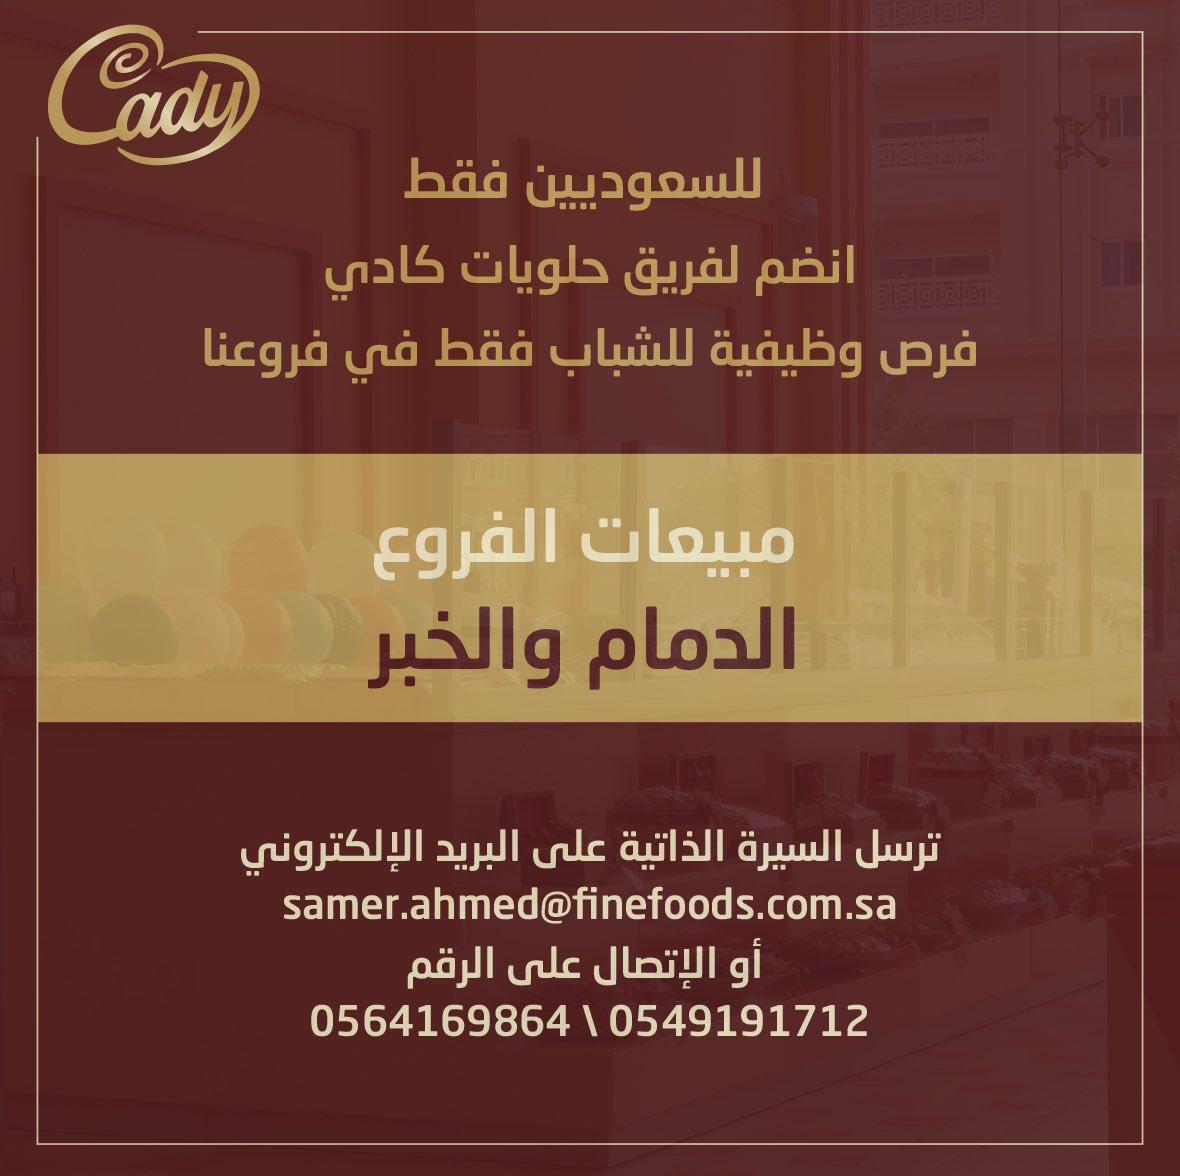 للسعوديين فقط #وظائف شاغرة في فروع #كادي الخبر و الدمام  #وظائف_شاغرة  #وظائف_الدمام #وظائف_الشرقية #صباح_الاحد @CadySweets